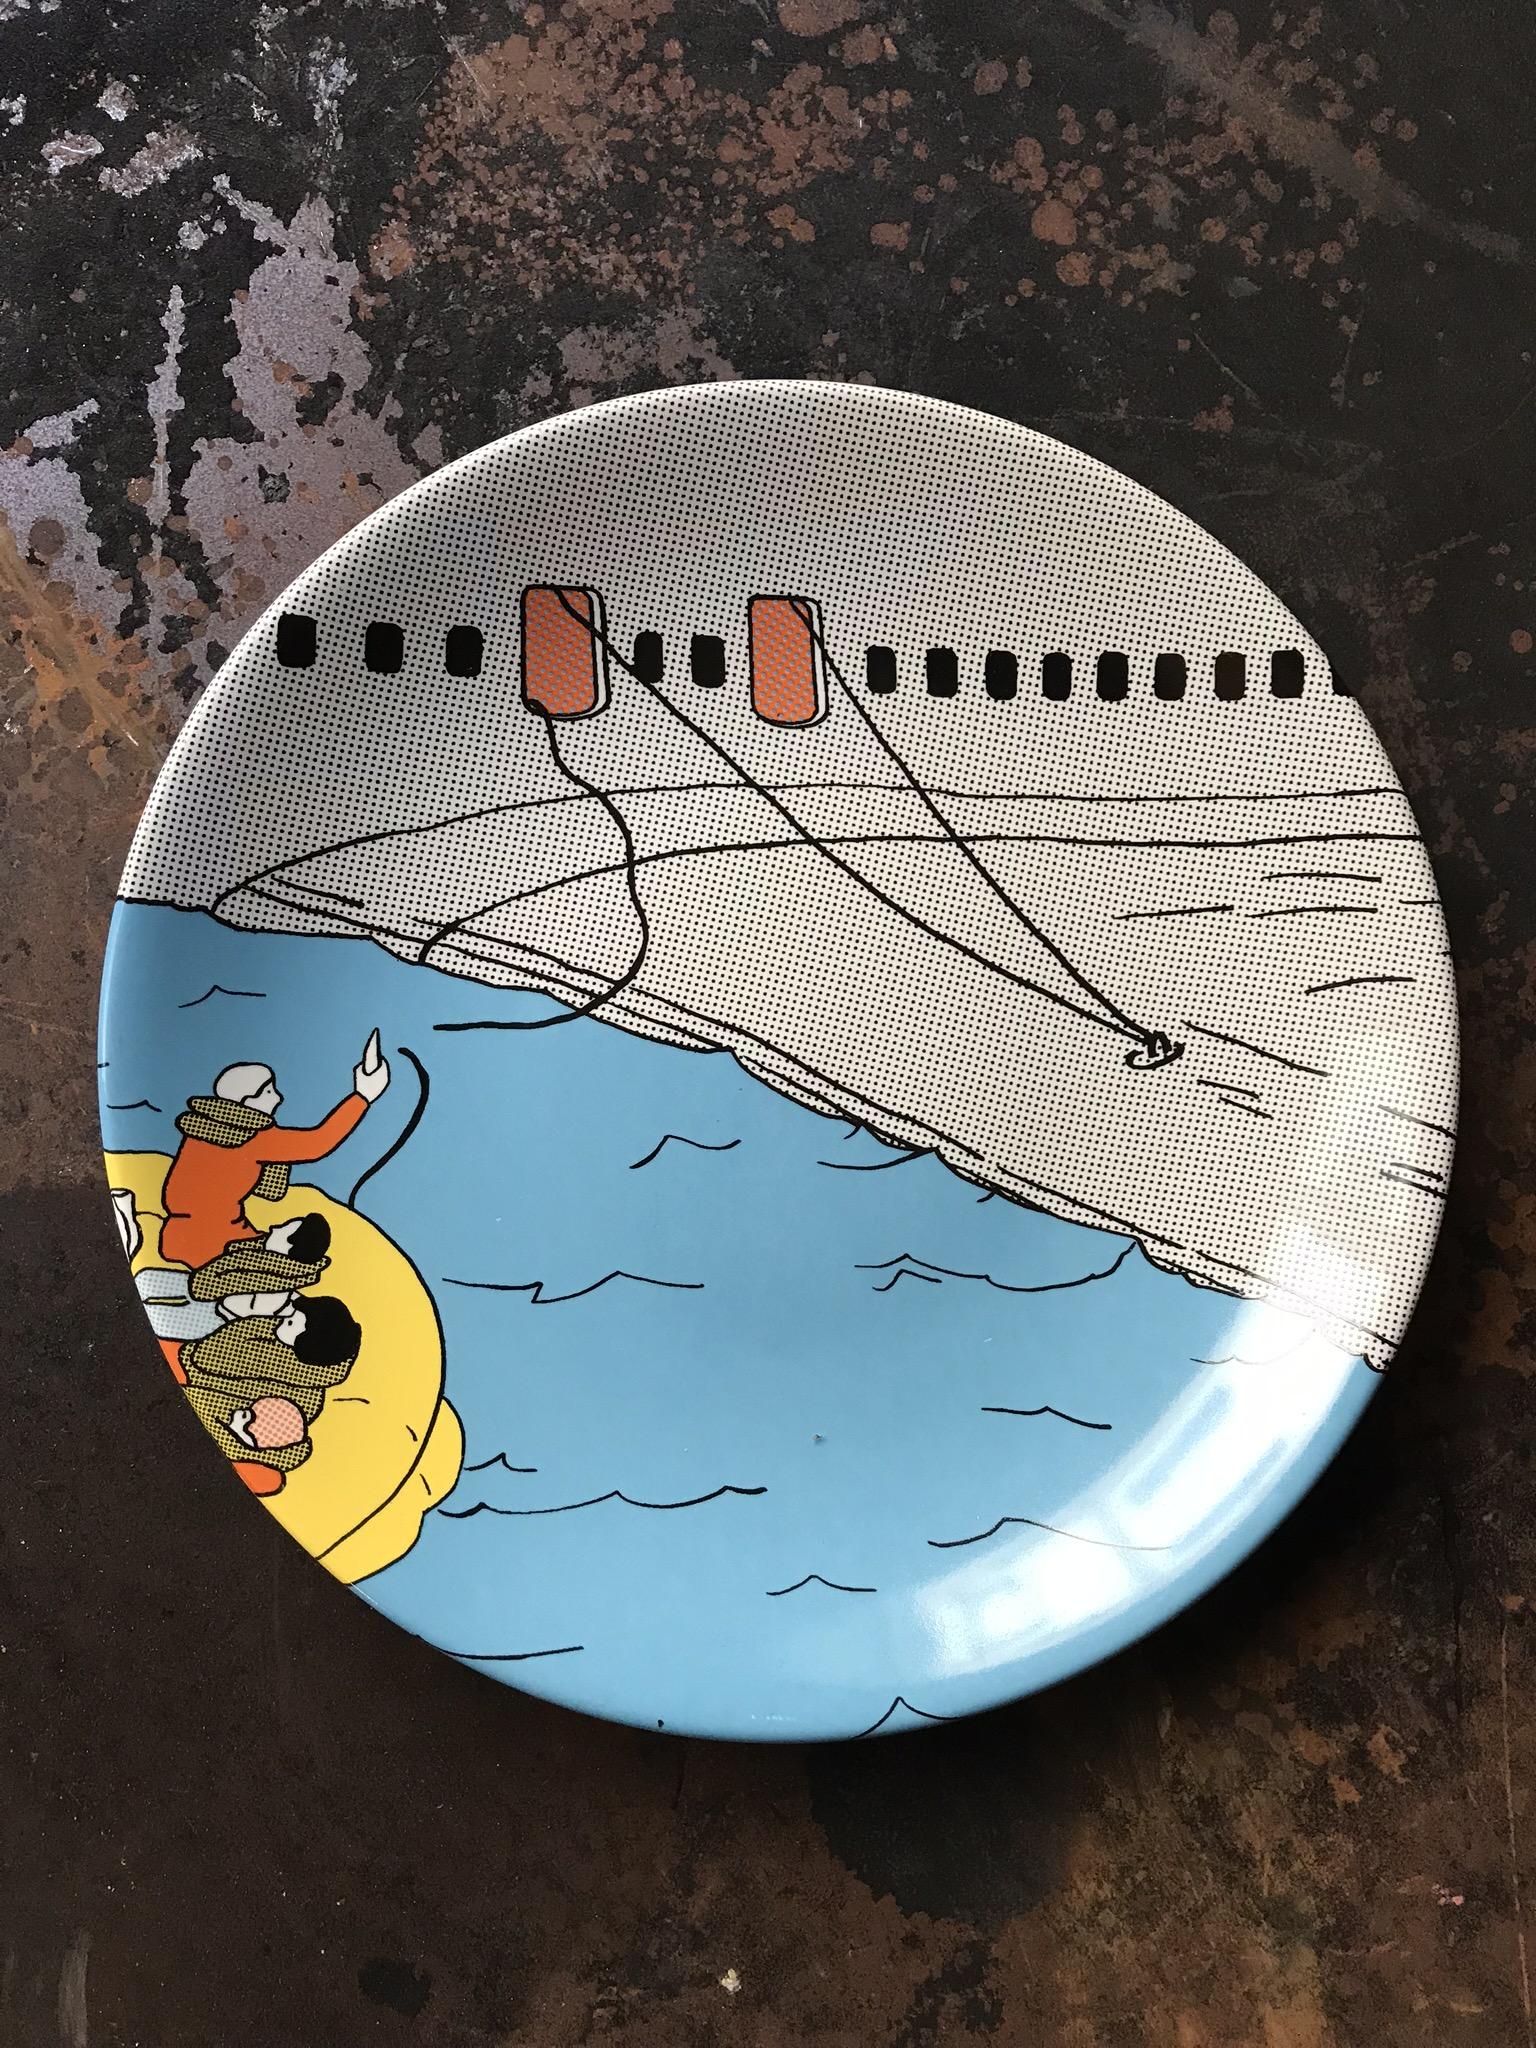 A bordo! | Tcgreat